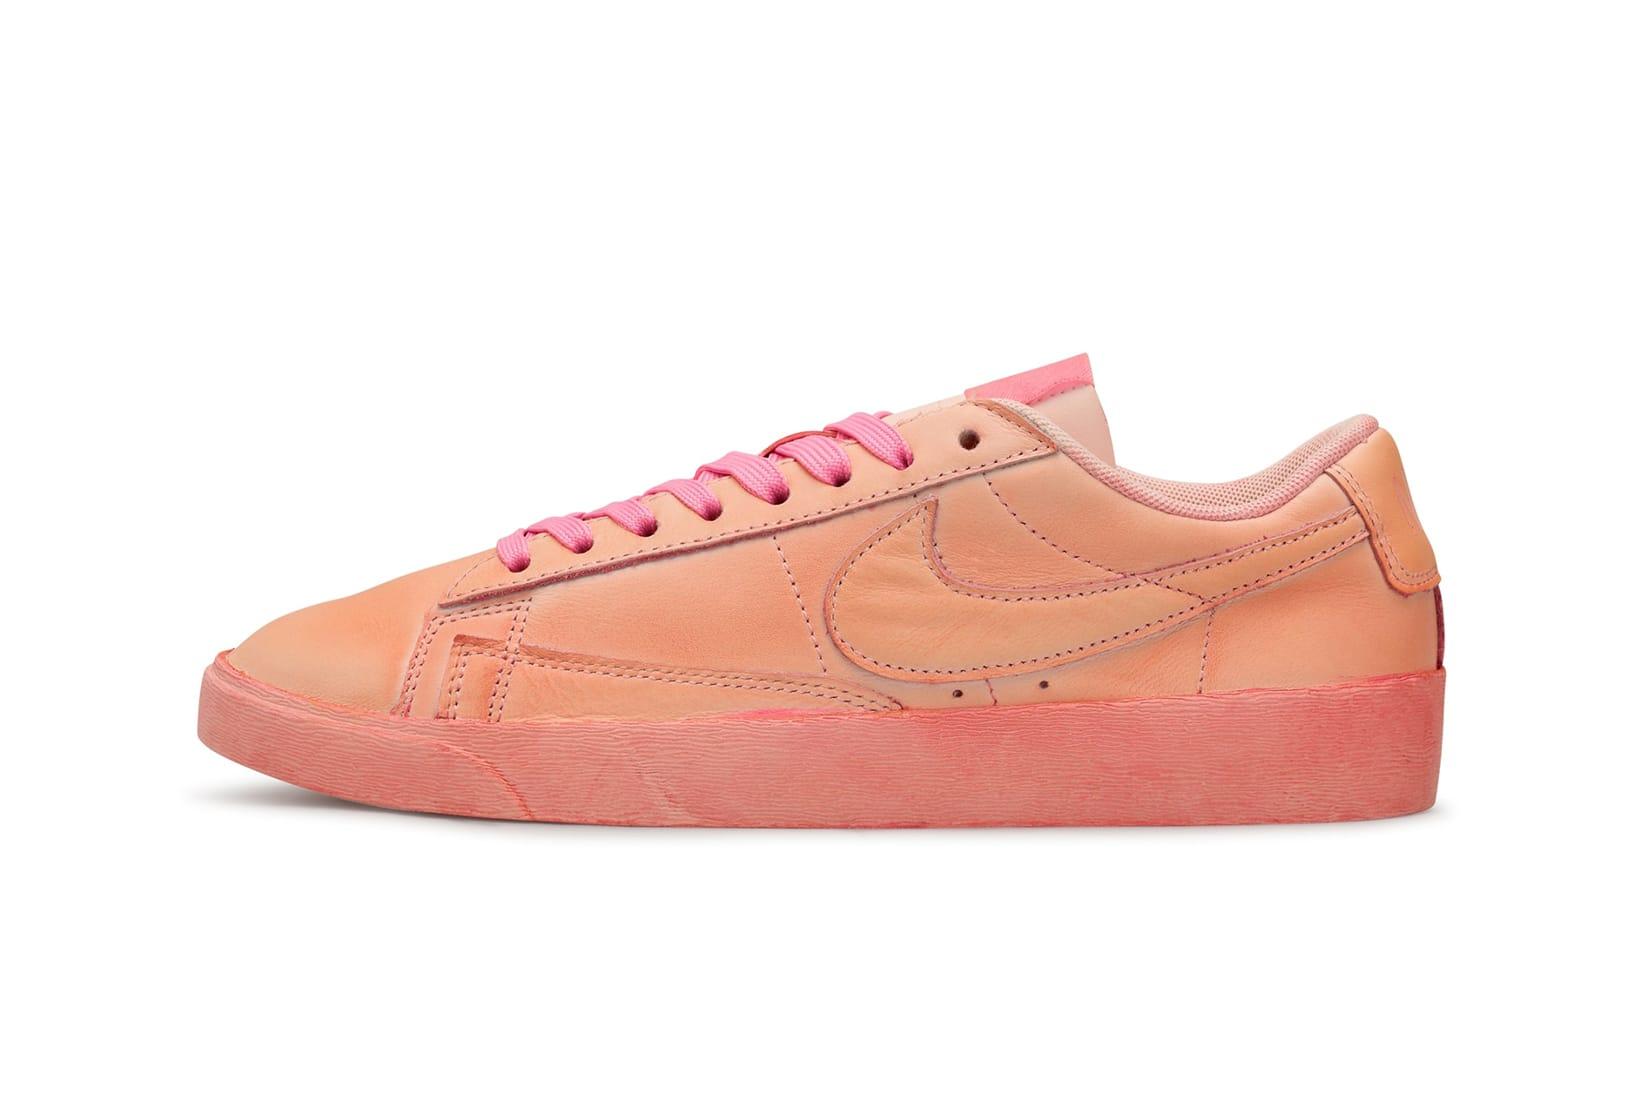 CdG Girl x Nike Blazer Low Pink